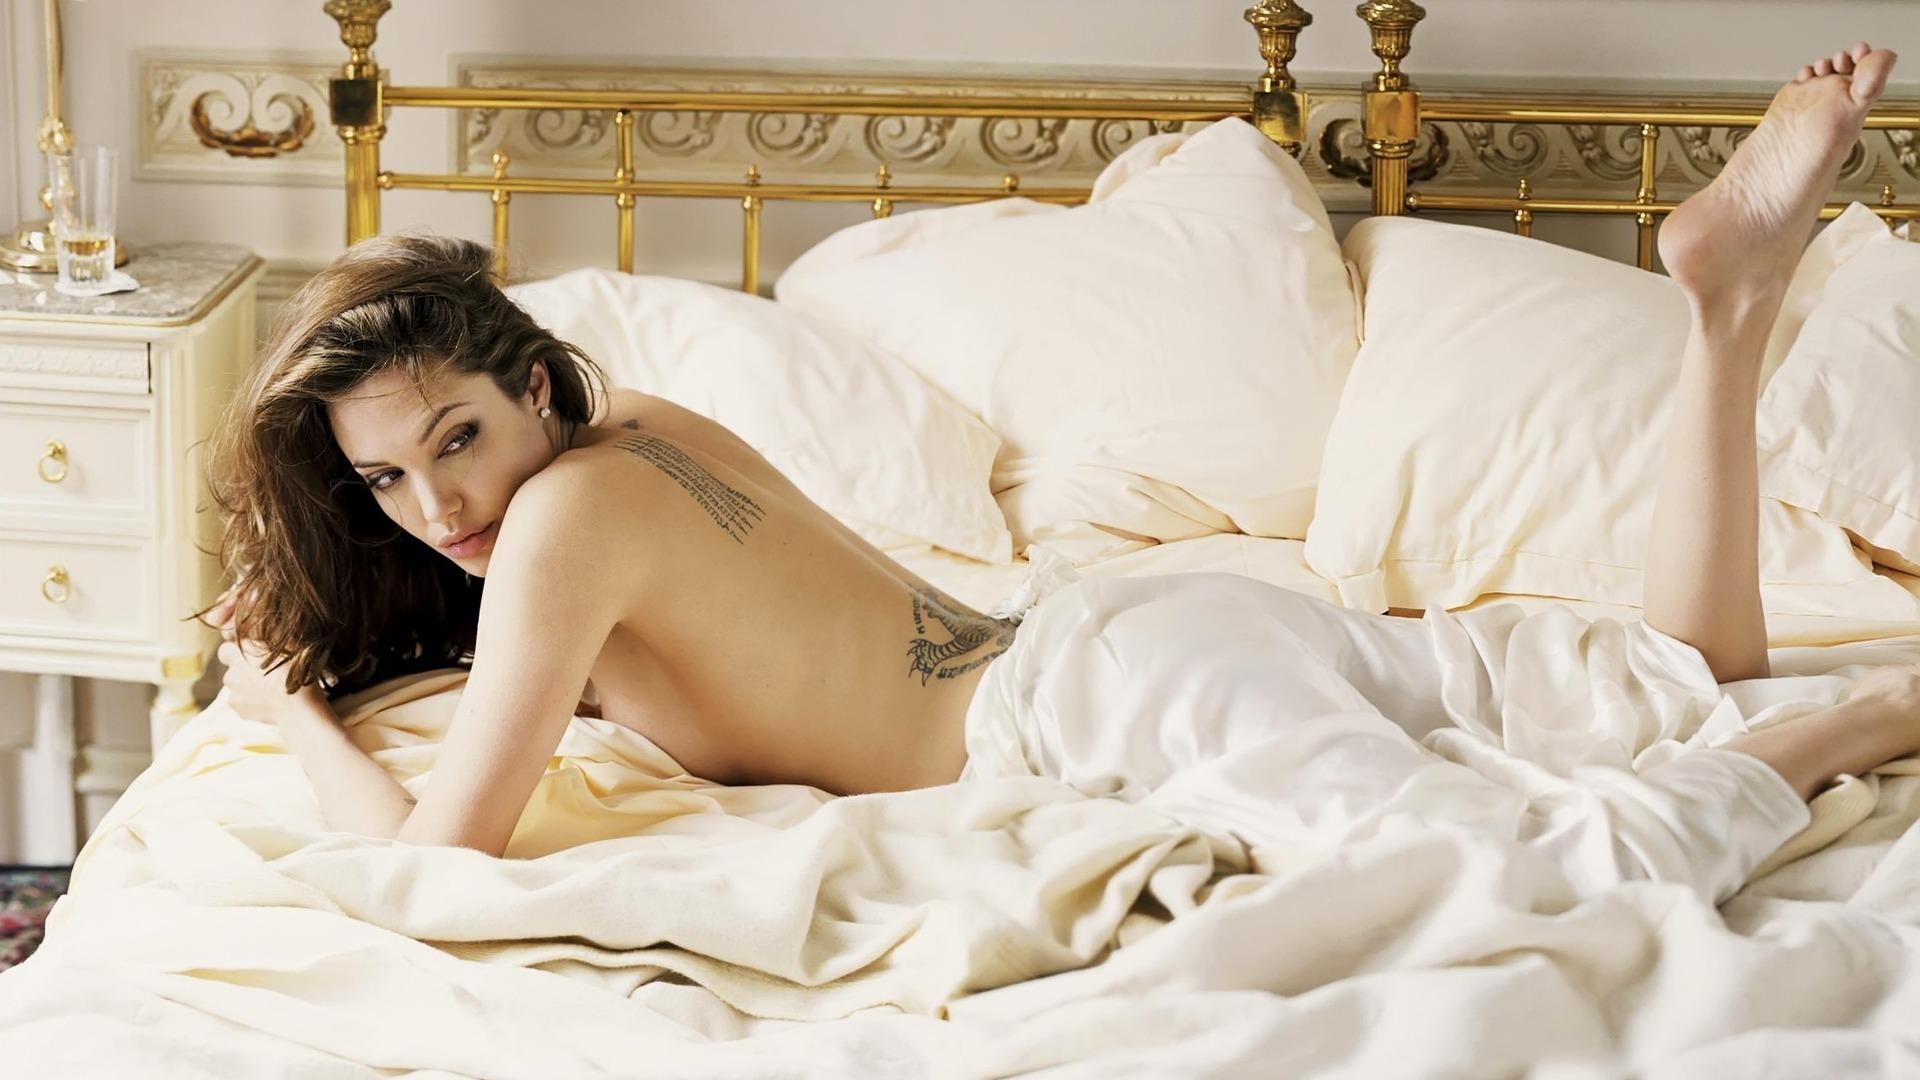 Angelina Jolie torna in pubblico per la prima volta dopo la separazione da Brad Pitt